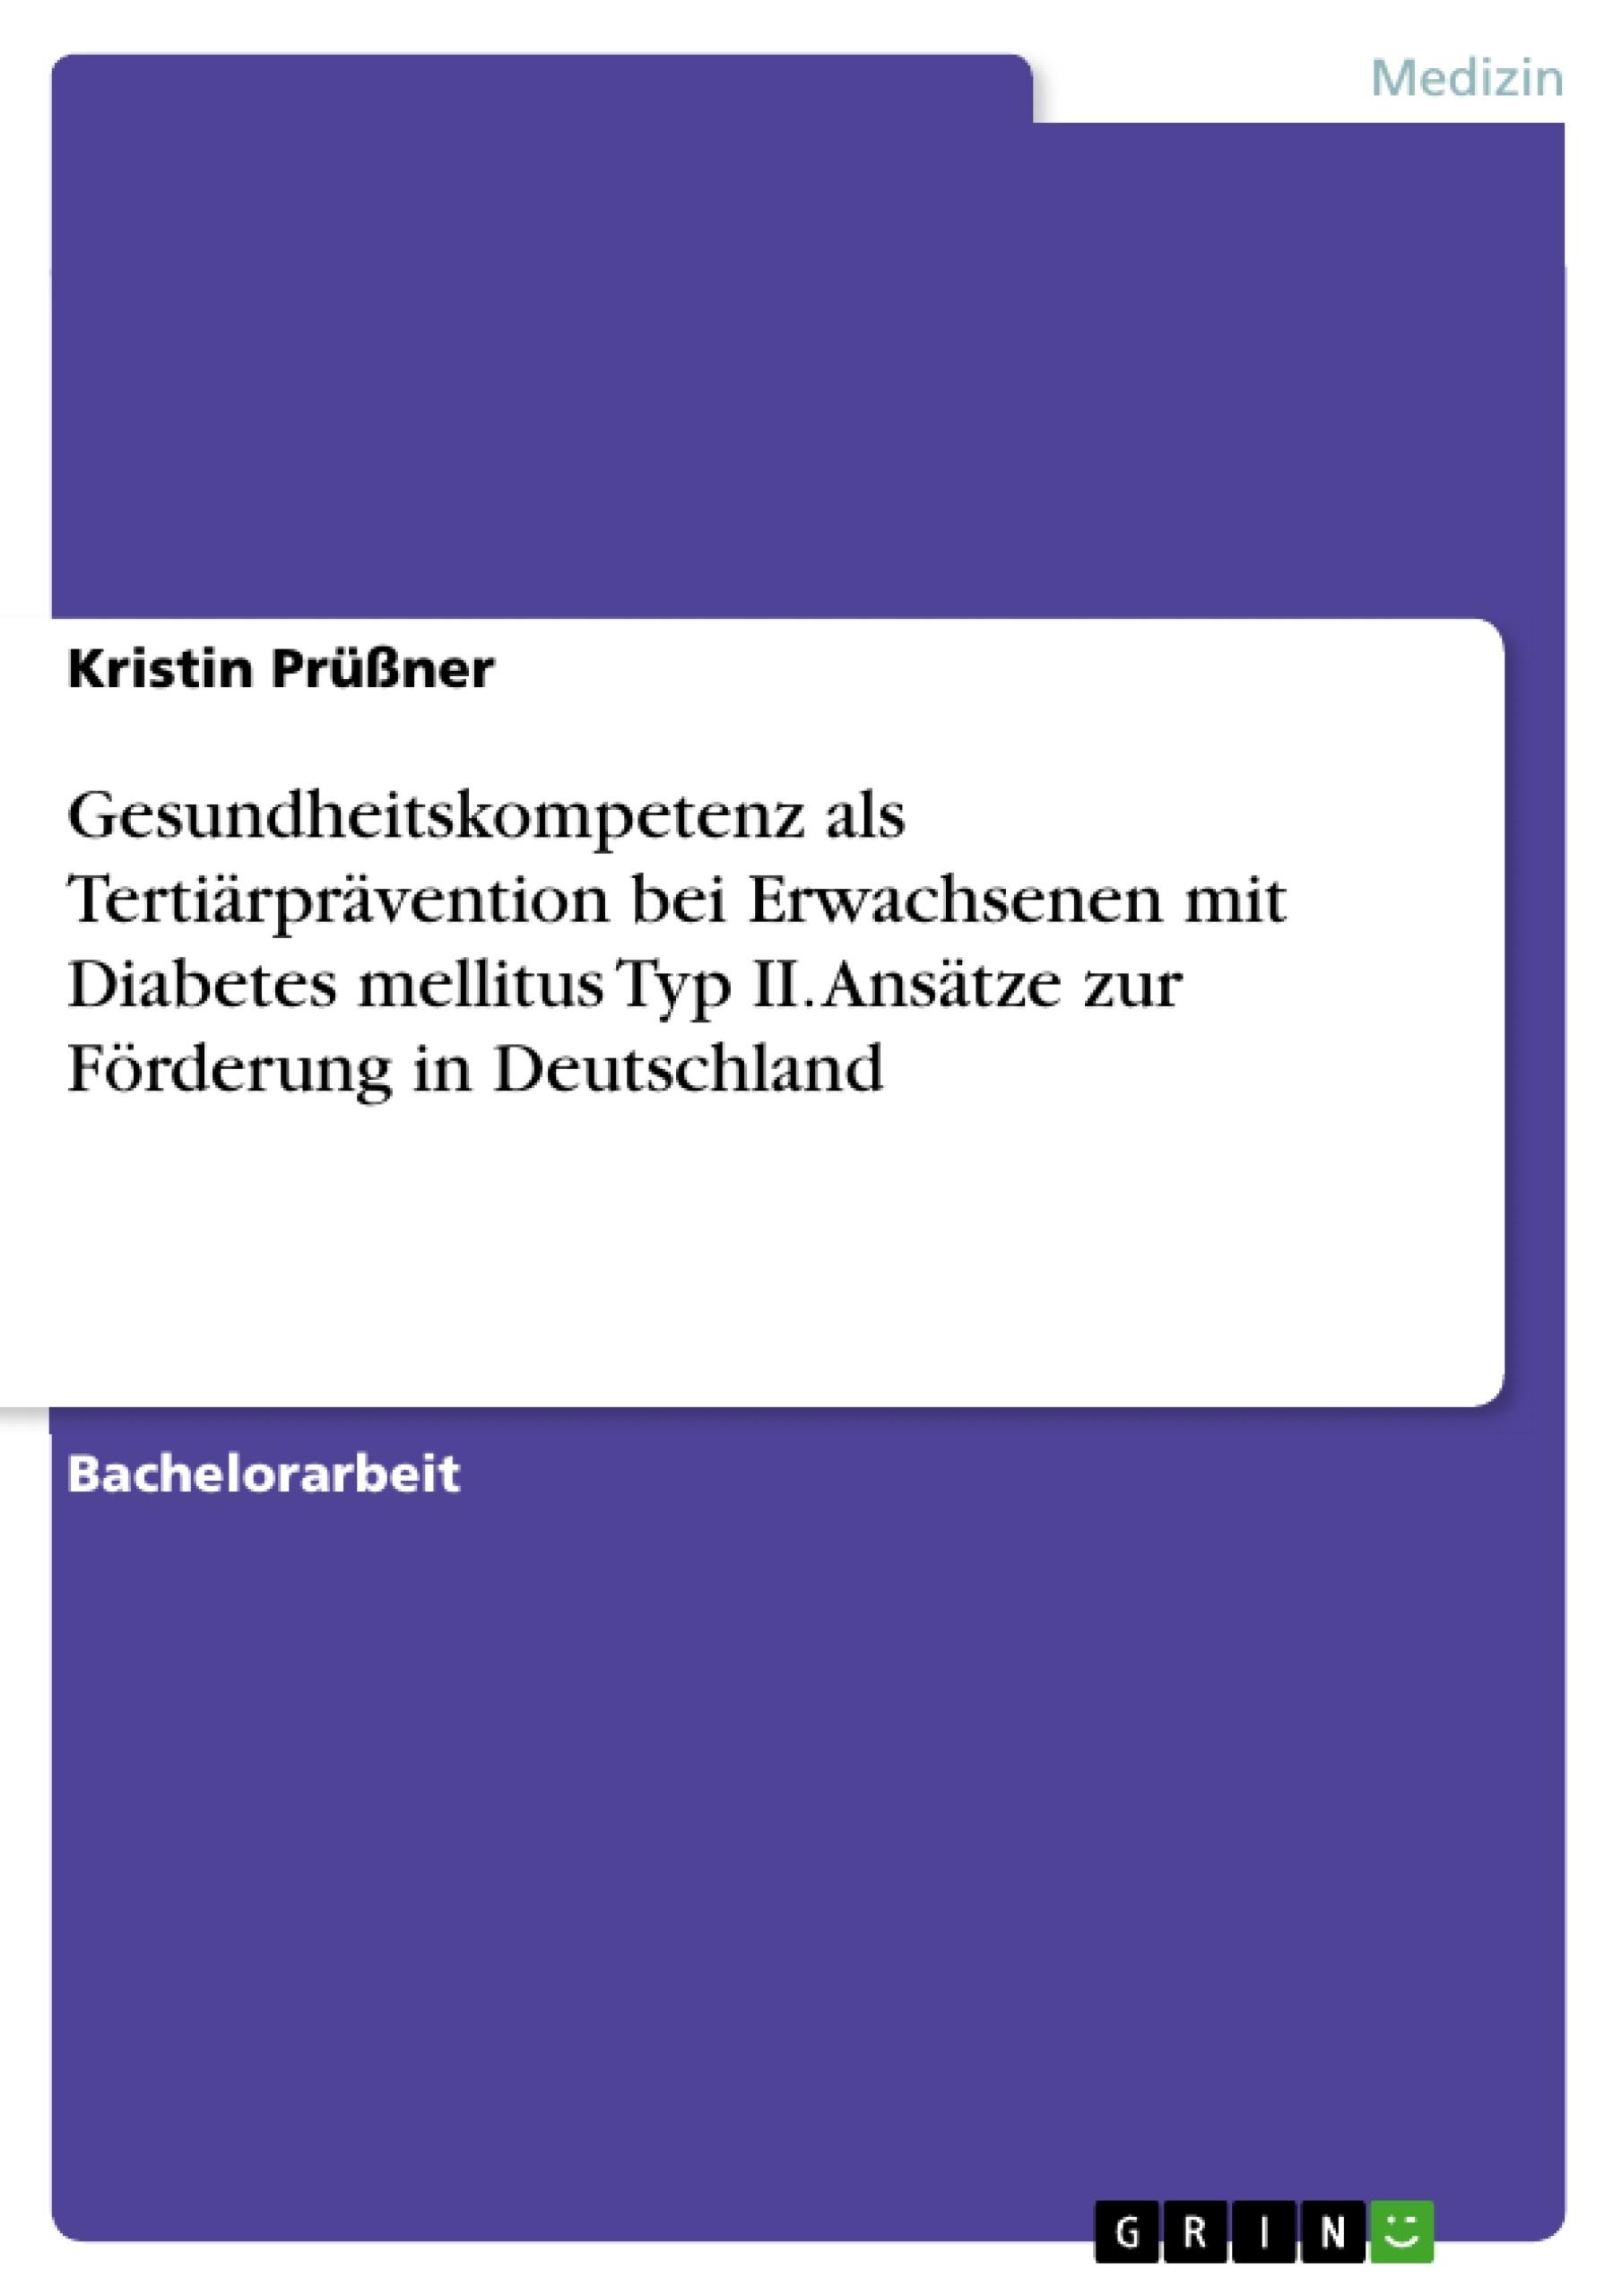 Titel: Gesundheitskompetenz als Tertiärprävention bei Erwachsenen mit Diabetes mellitus Typ II. Ansätze zur Förderung in Deutschland